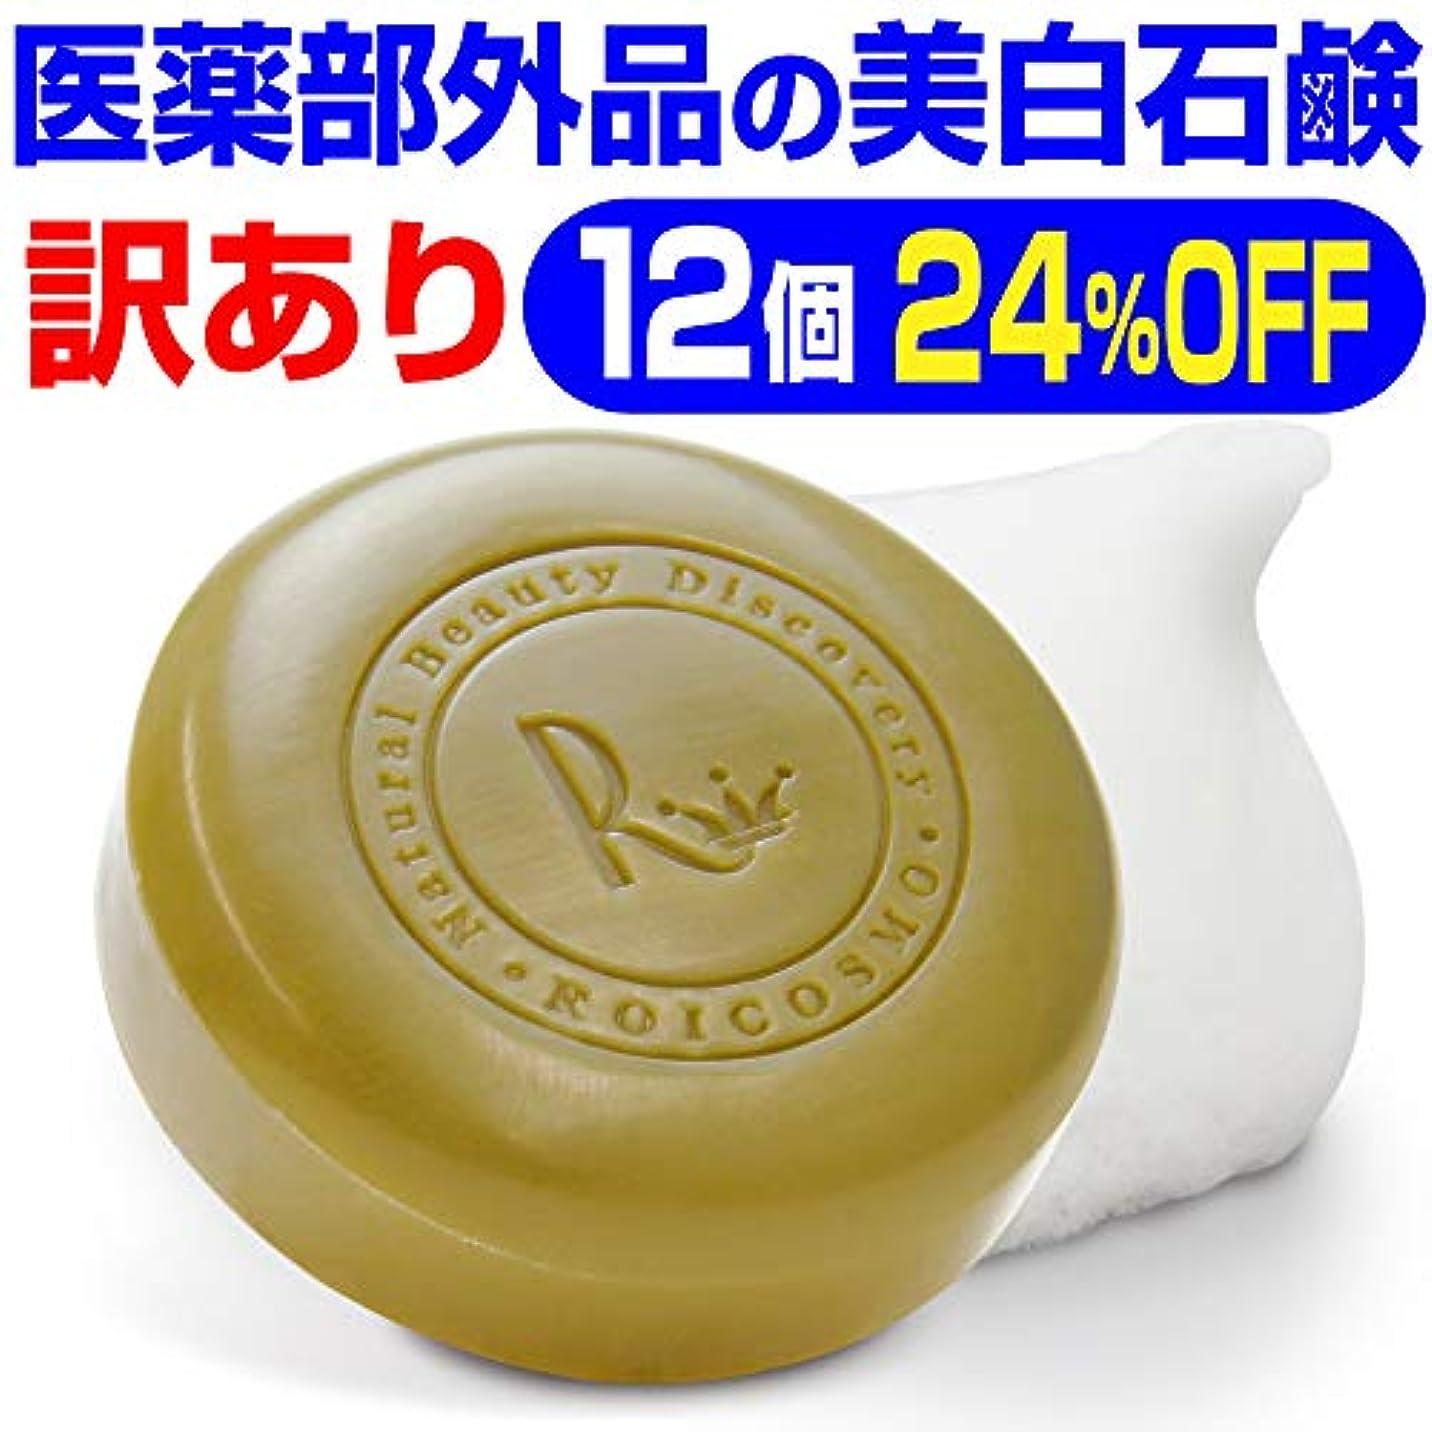 アボート手首マイナス訳あり24%OFF(1個2,036円)売切れ御免 ビタミンC270倍の美白成分の 洗顔石鹸『ホワイトソープ100g×12個』